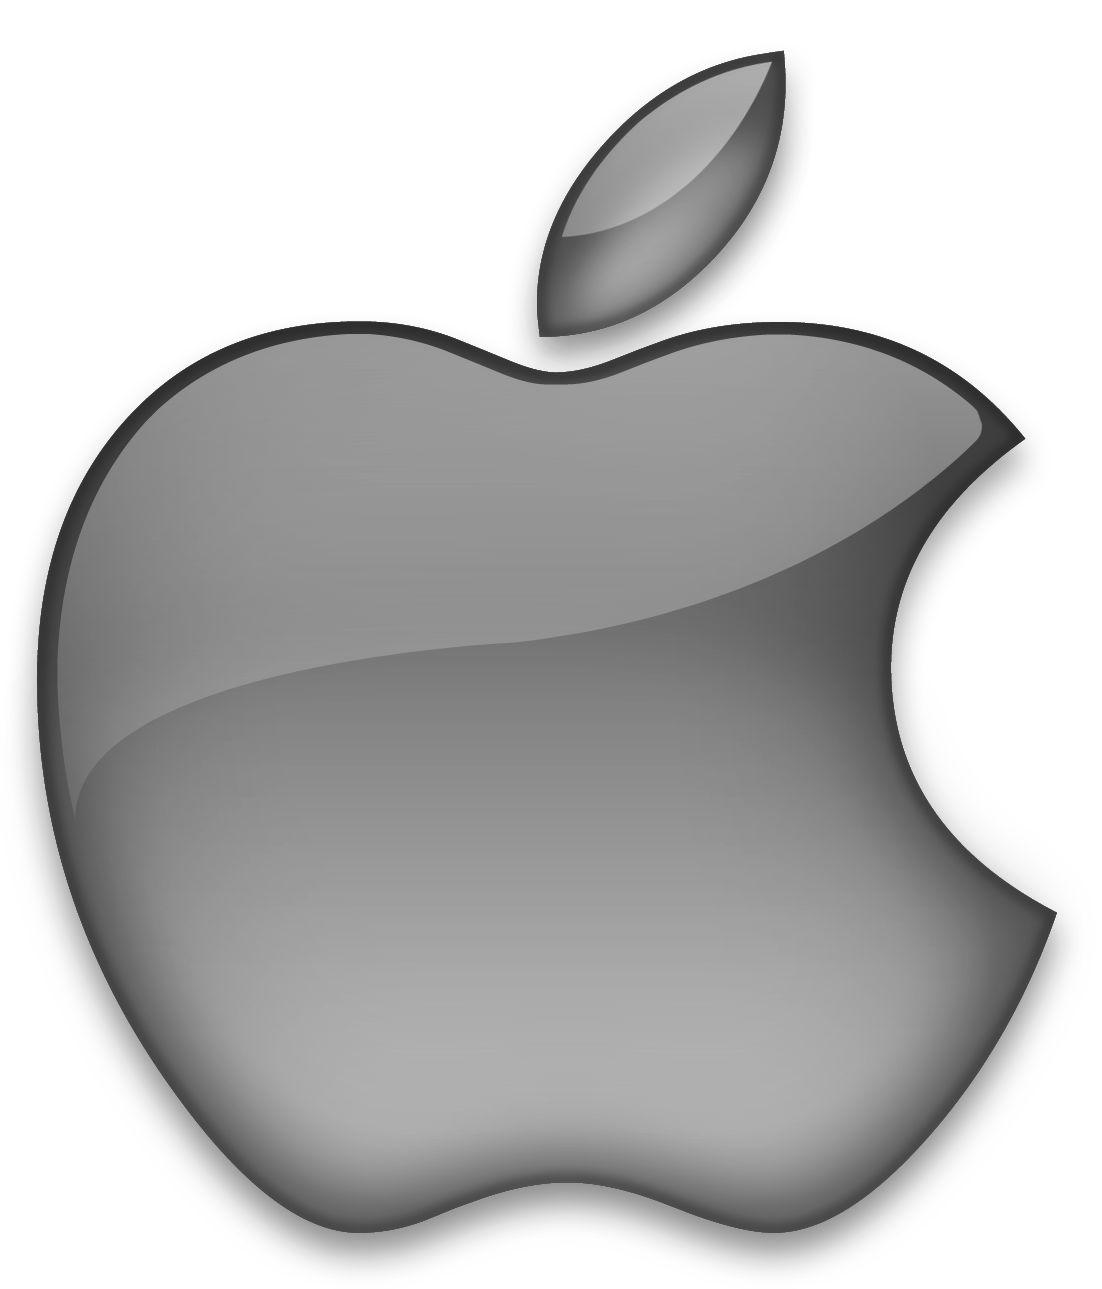 Apple wertvollste Marke der Welt